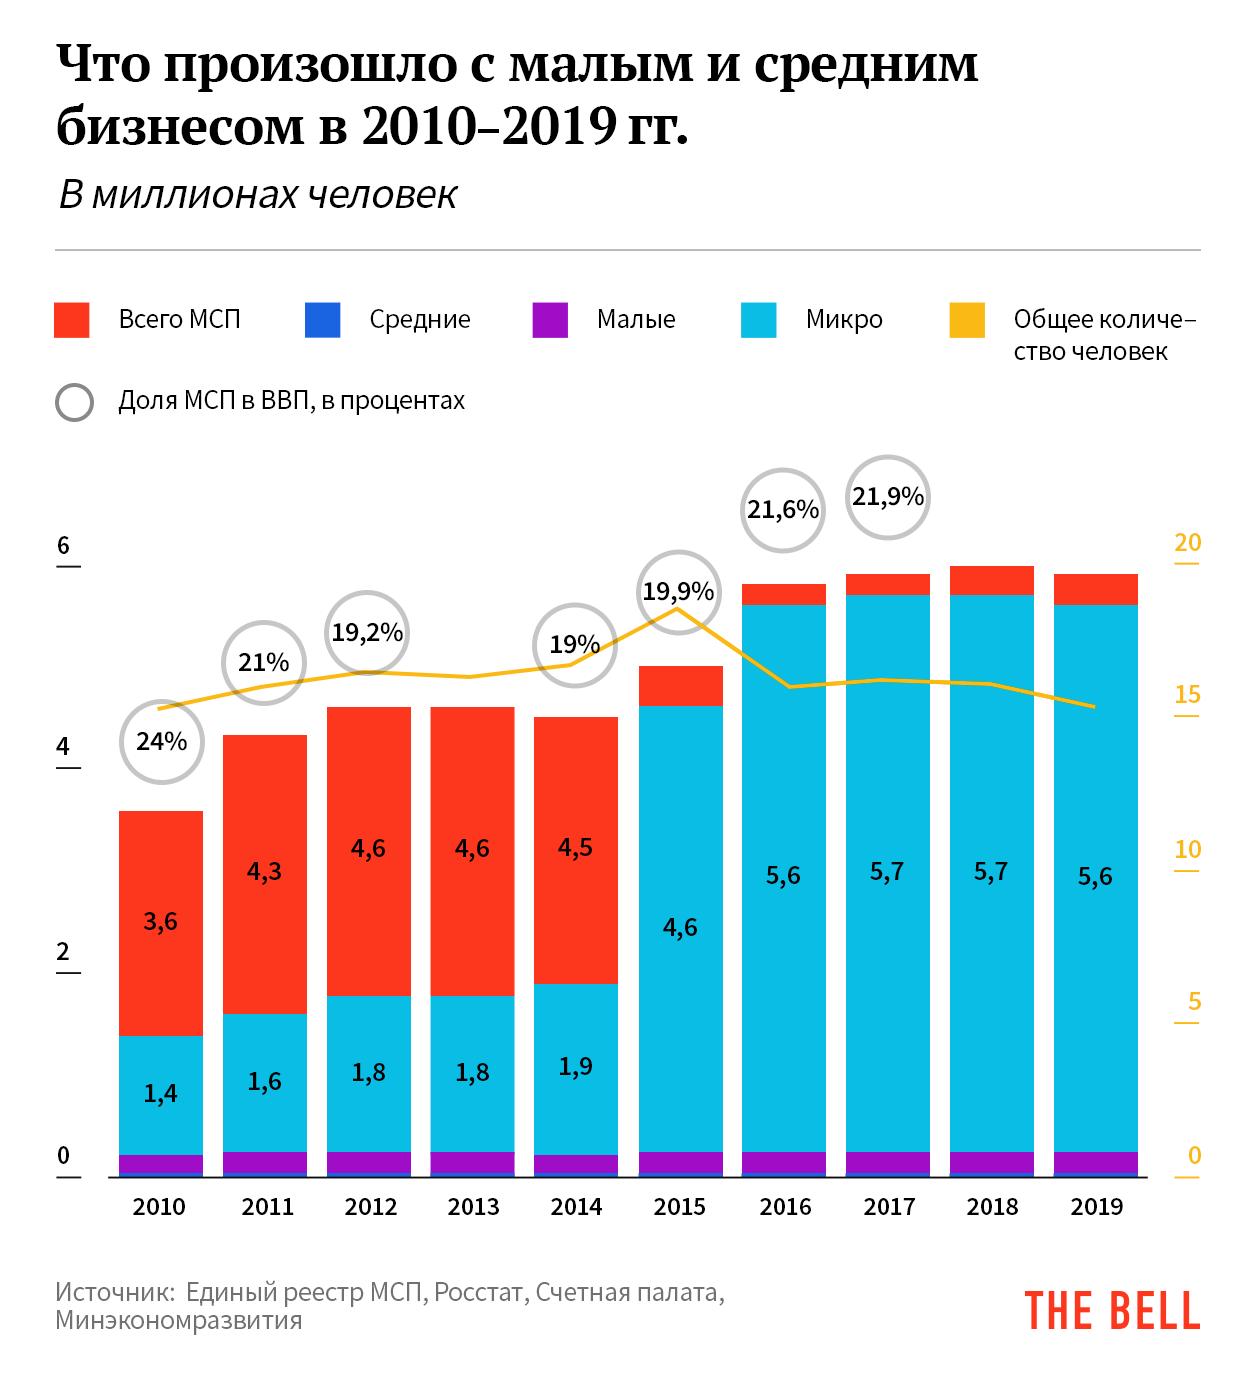 Динамика МСП в экономике Росиии